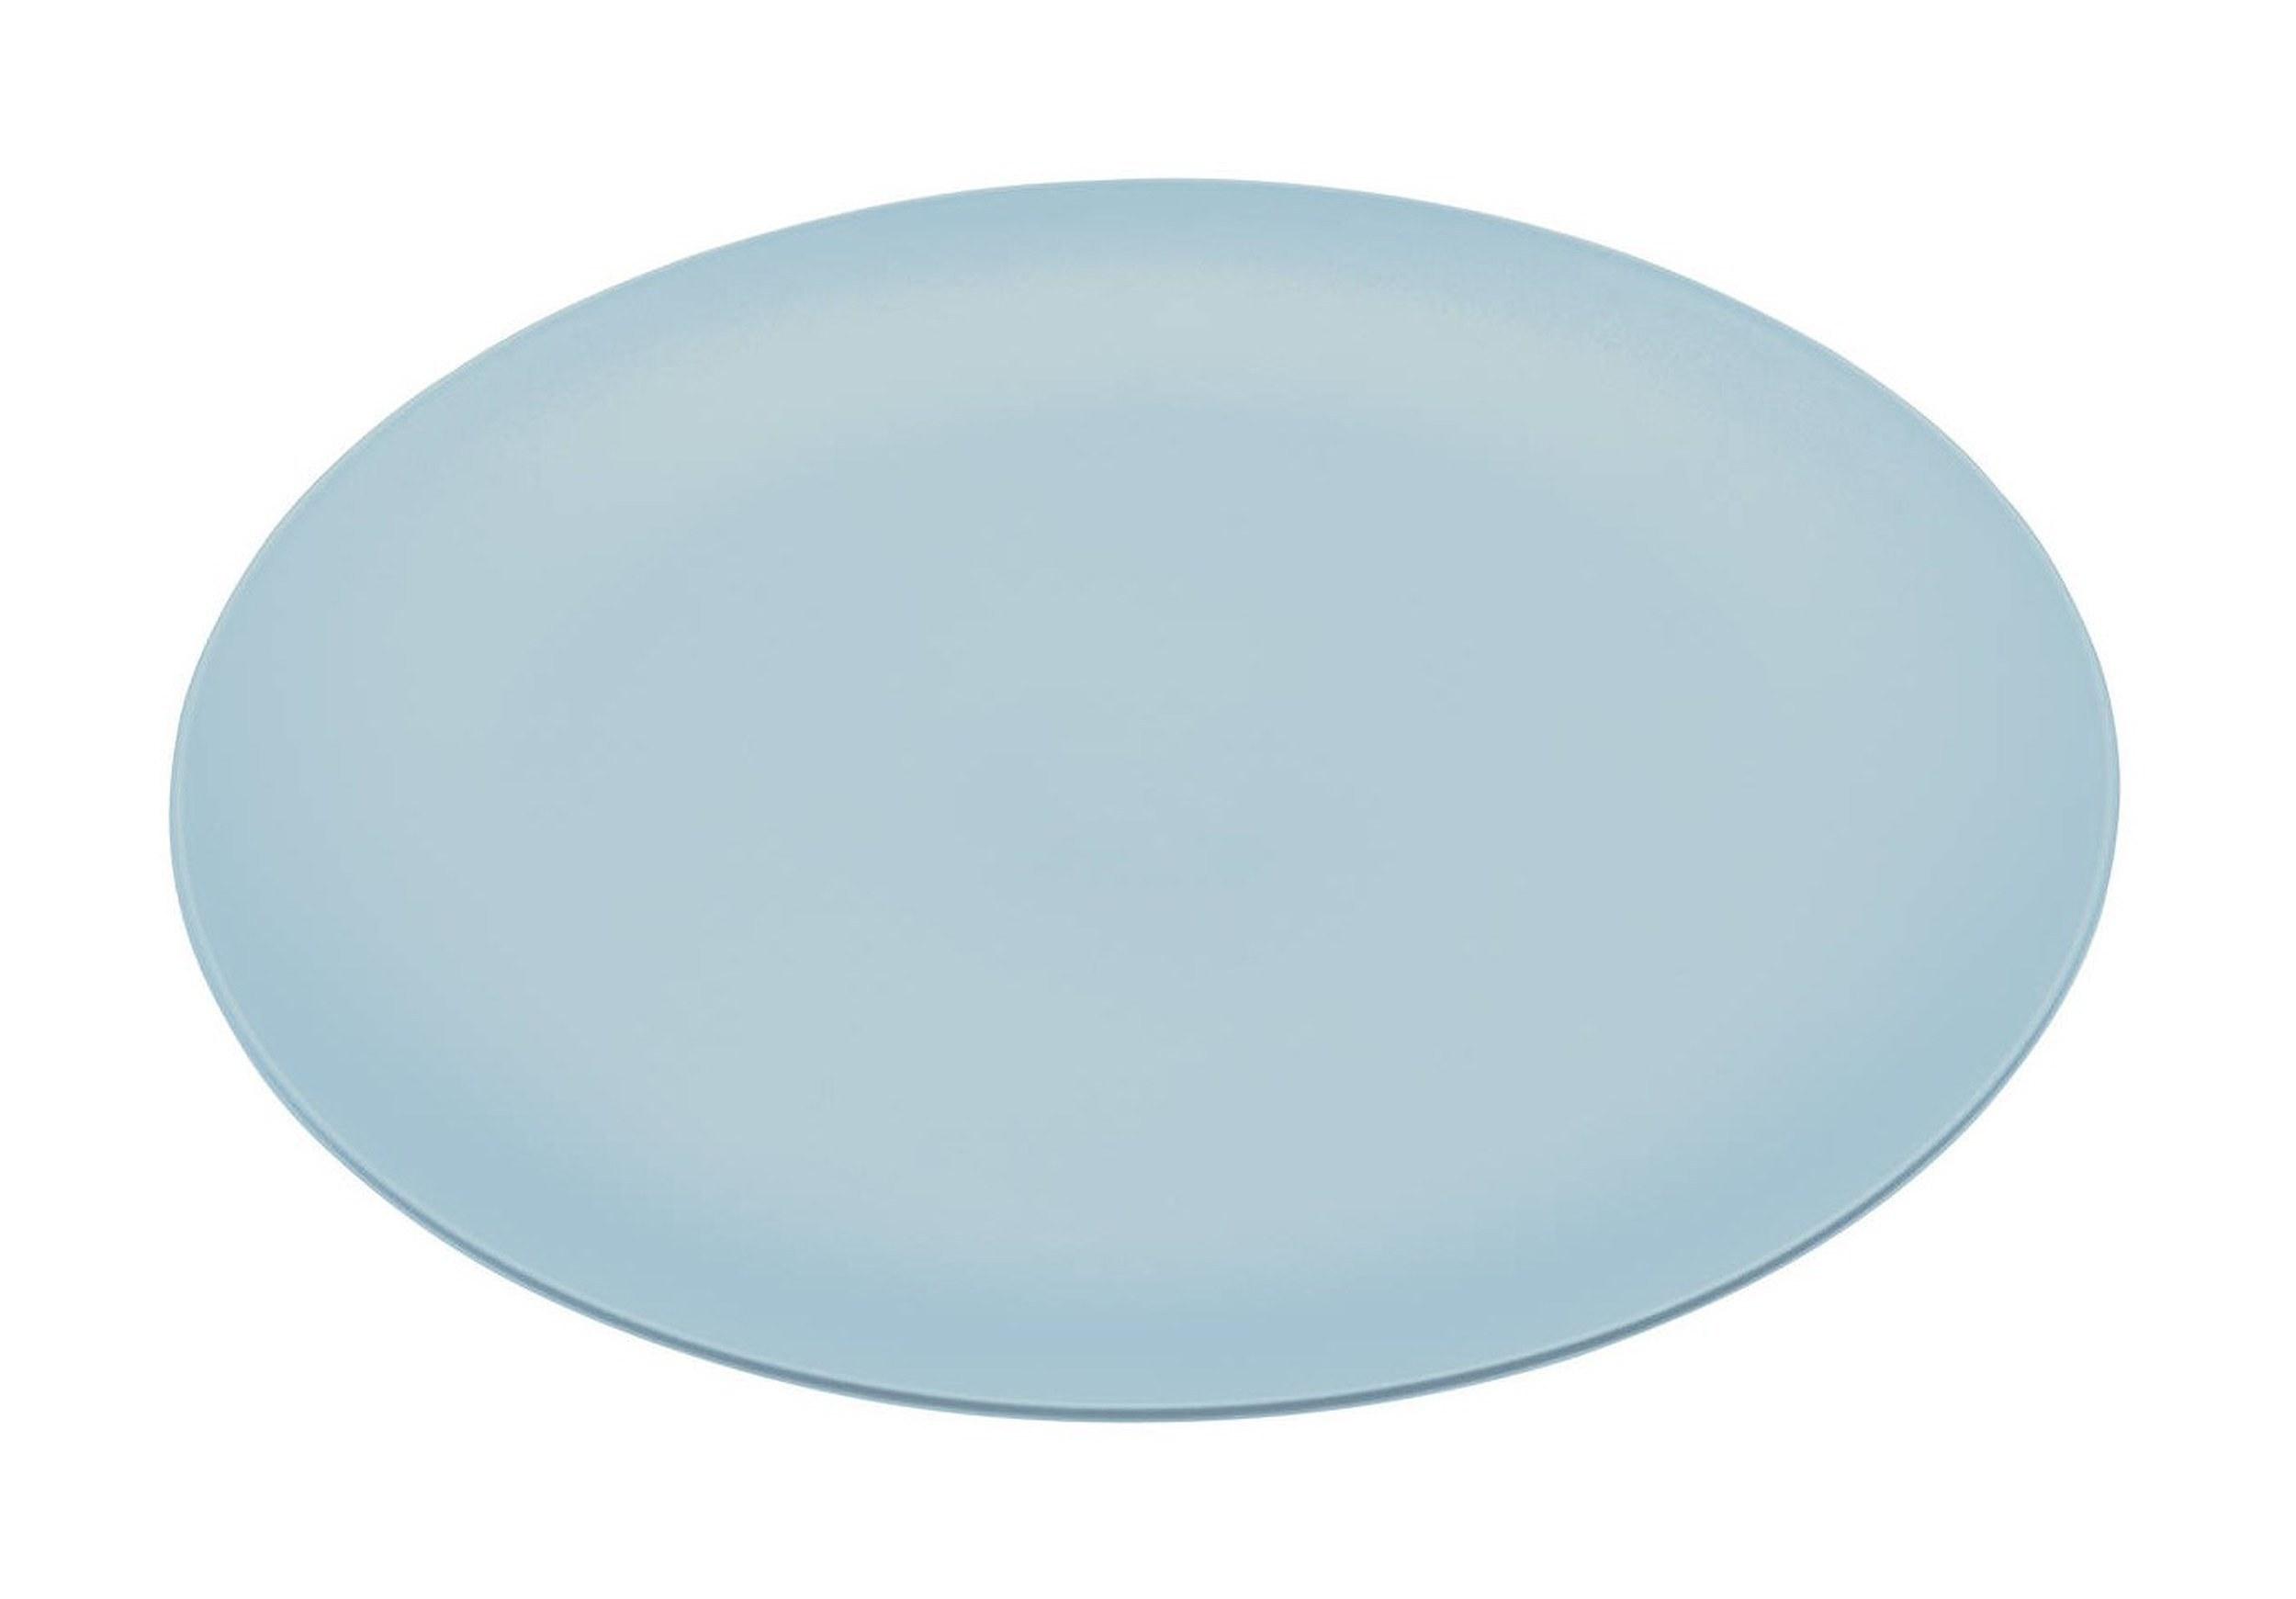 Talerz płaski Rondo pastelowy błękit